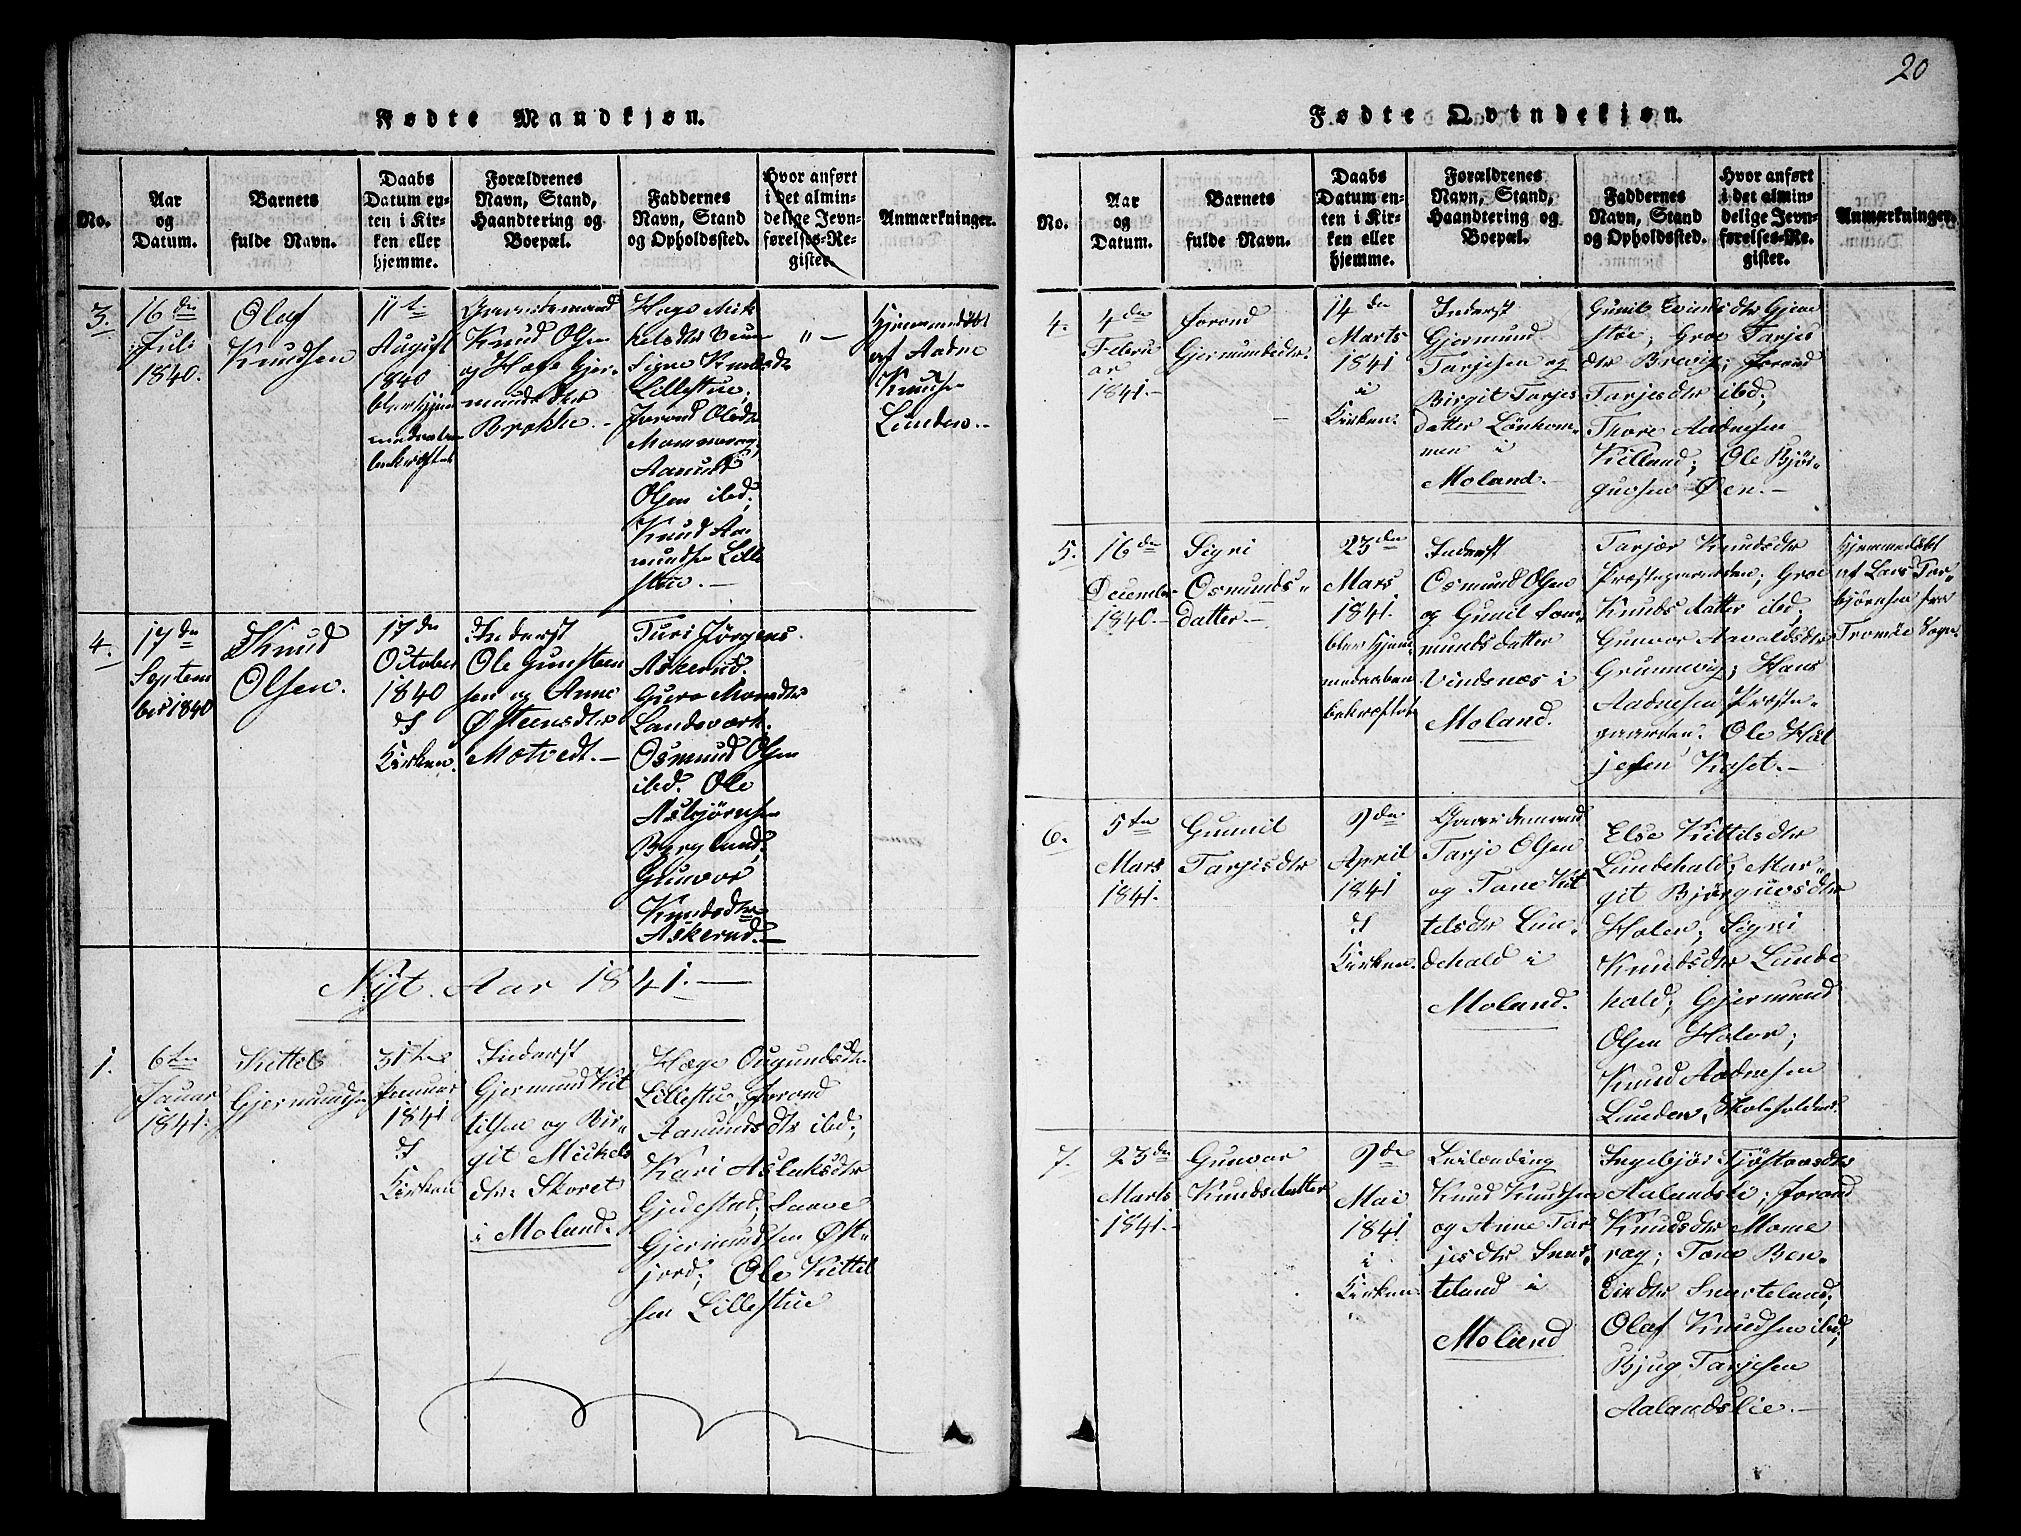 SAKO, Fyresdal kirkebøker, G/Ga/L0002: Klokkerbok nr. I 2, 1815-1857, s. 20